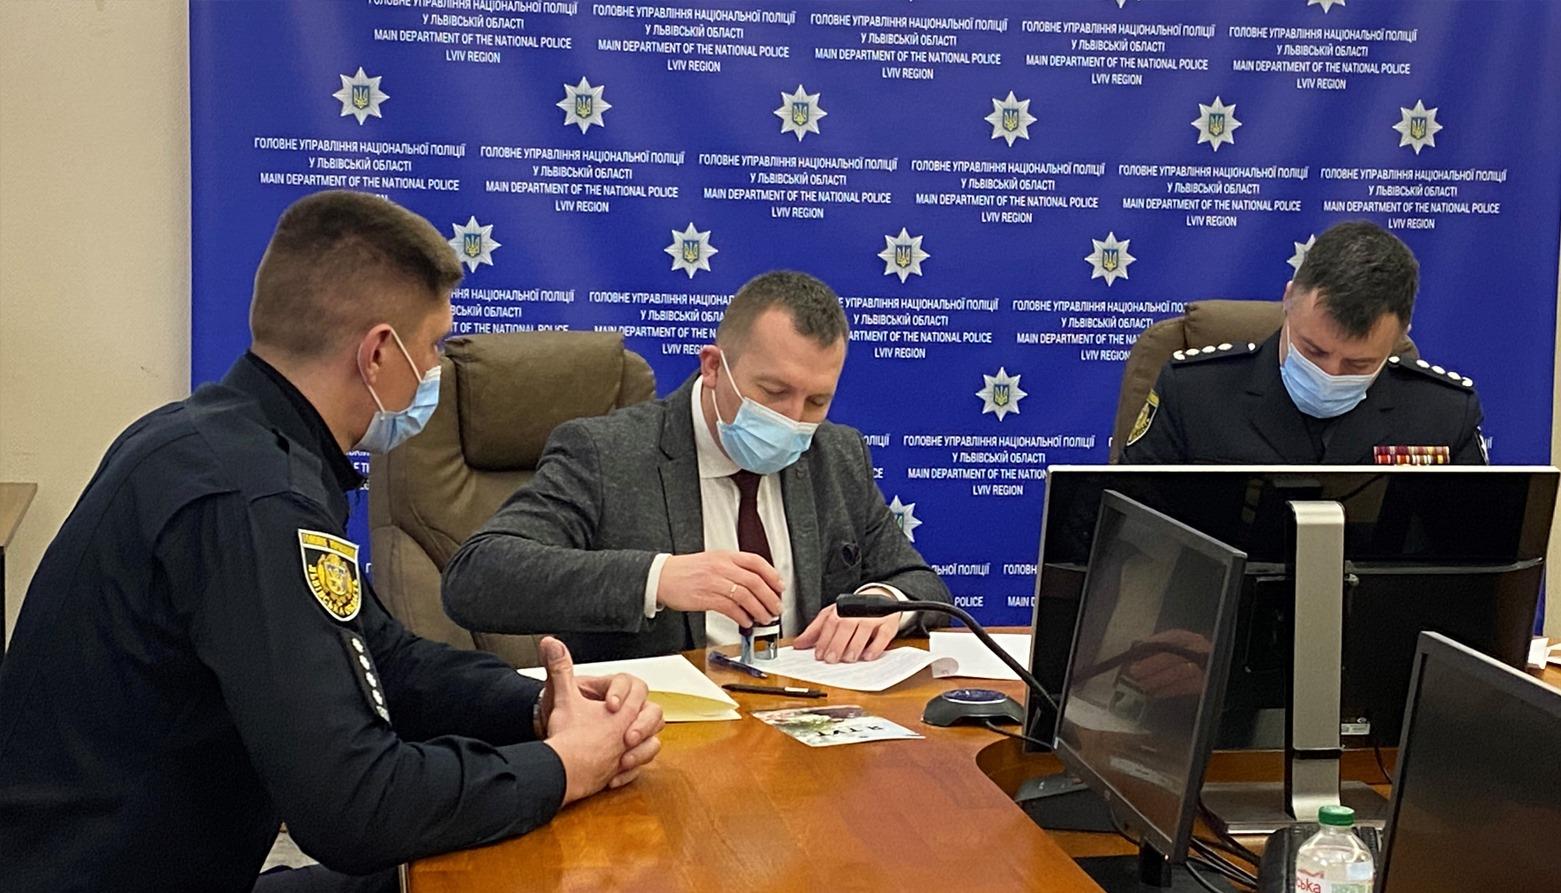 Поліцейські офіцери громади обслуговуватимуть 14 населених пунктів, що увійшли до складу Червоноградської територіальної громади – Меморандум підписано